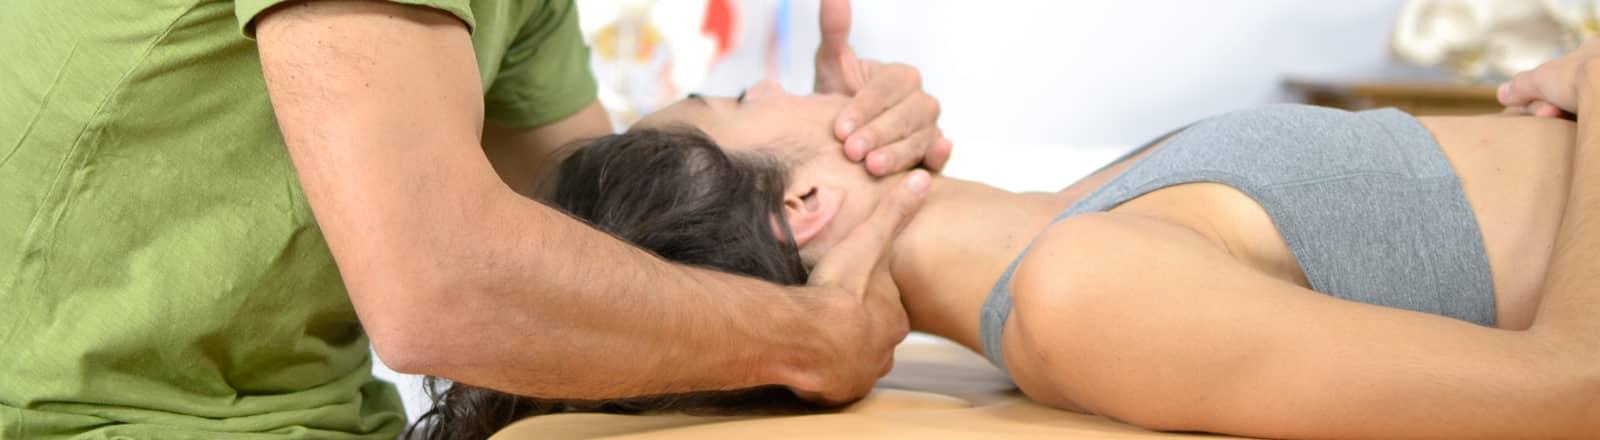 terapia manual Logroño